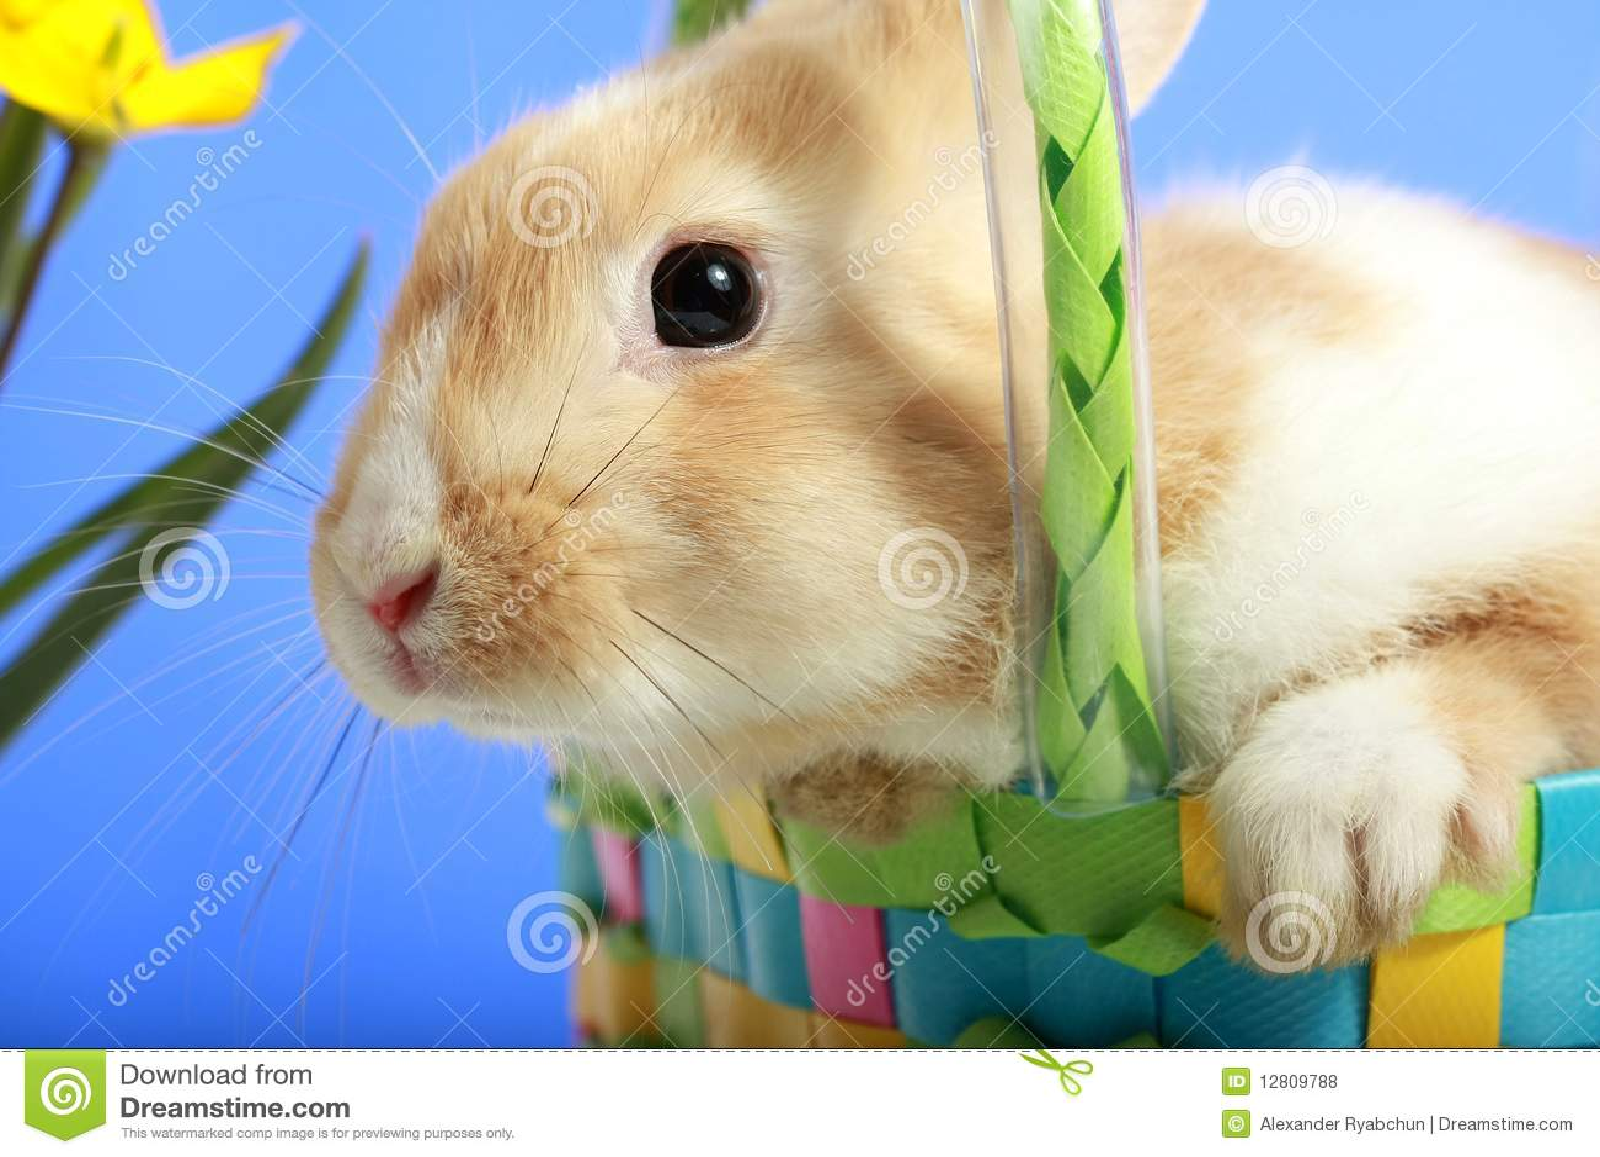 Coelho de Easter em uma cesta